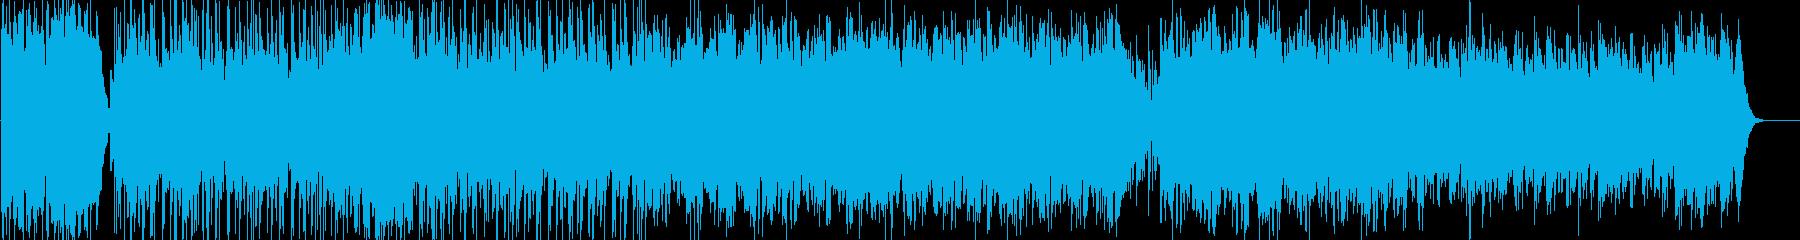 オープニングに使える爽やかエレクトロニカの再生済みの波形